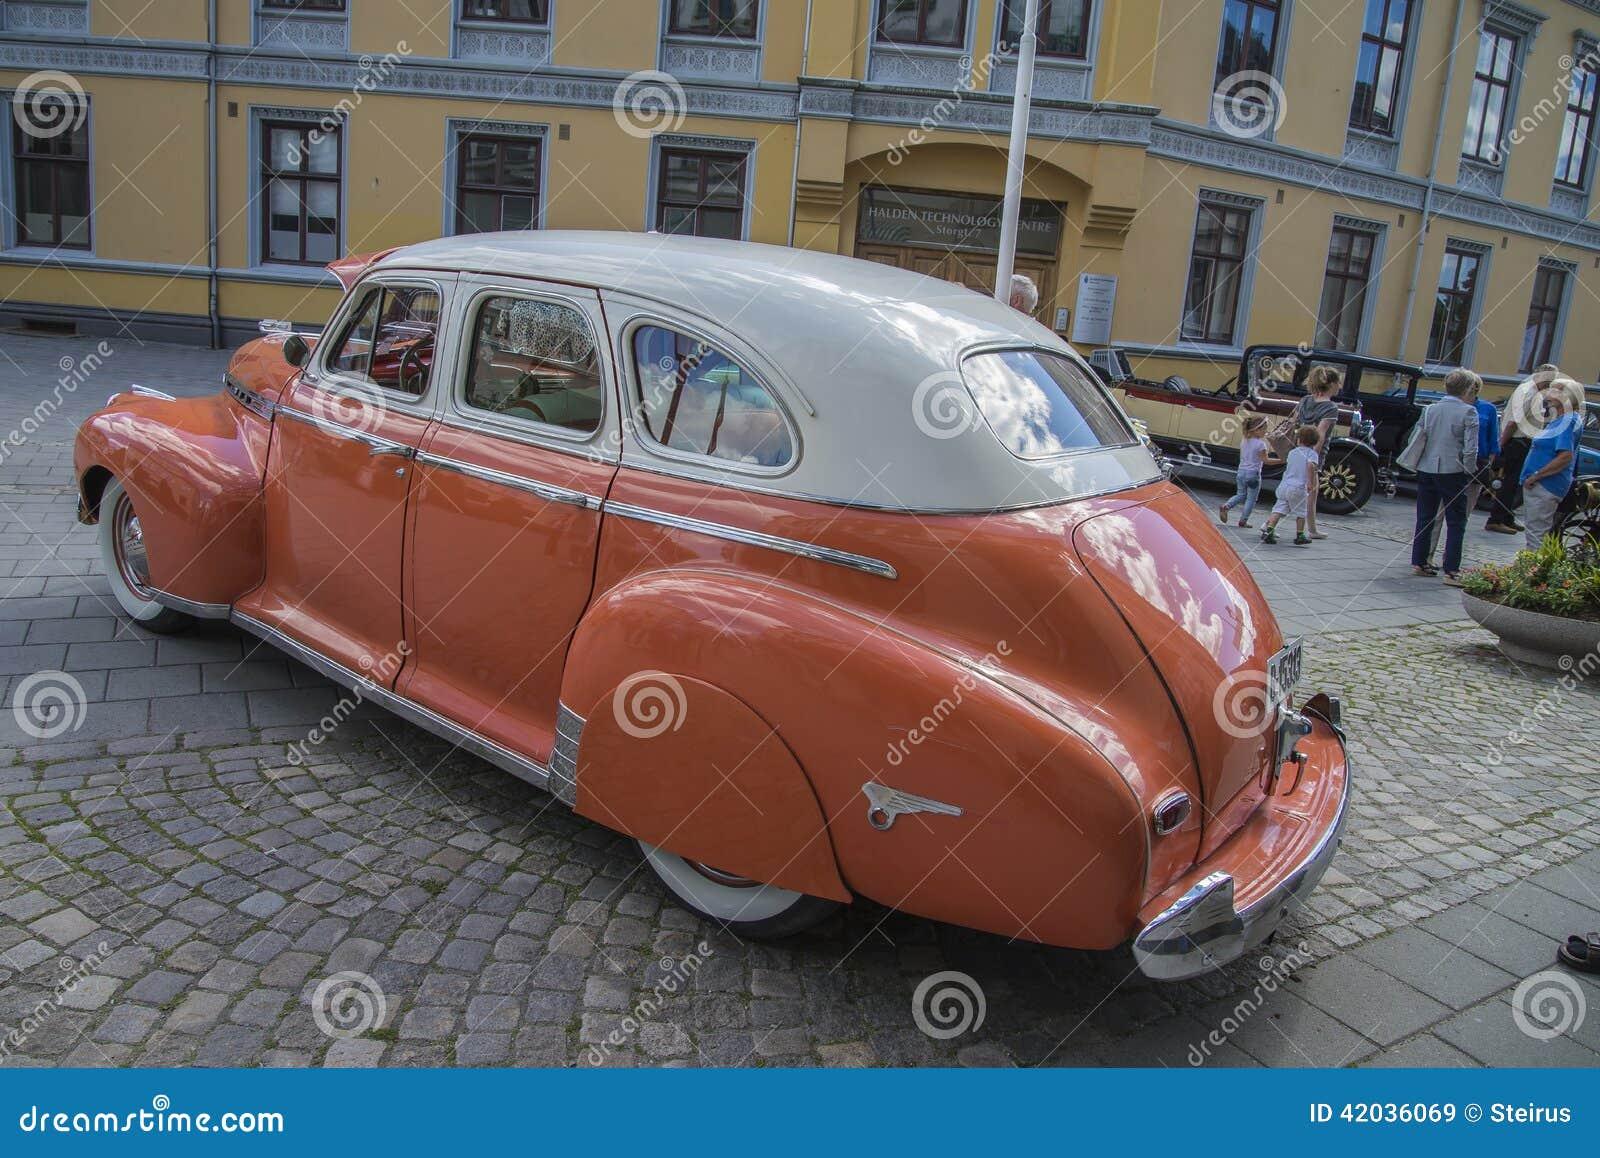 1941 Chevrolet Special Deluxe 4 Door Sedan Editorial Stock